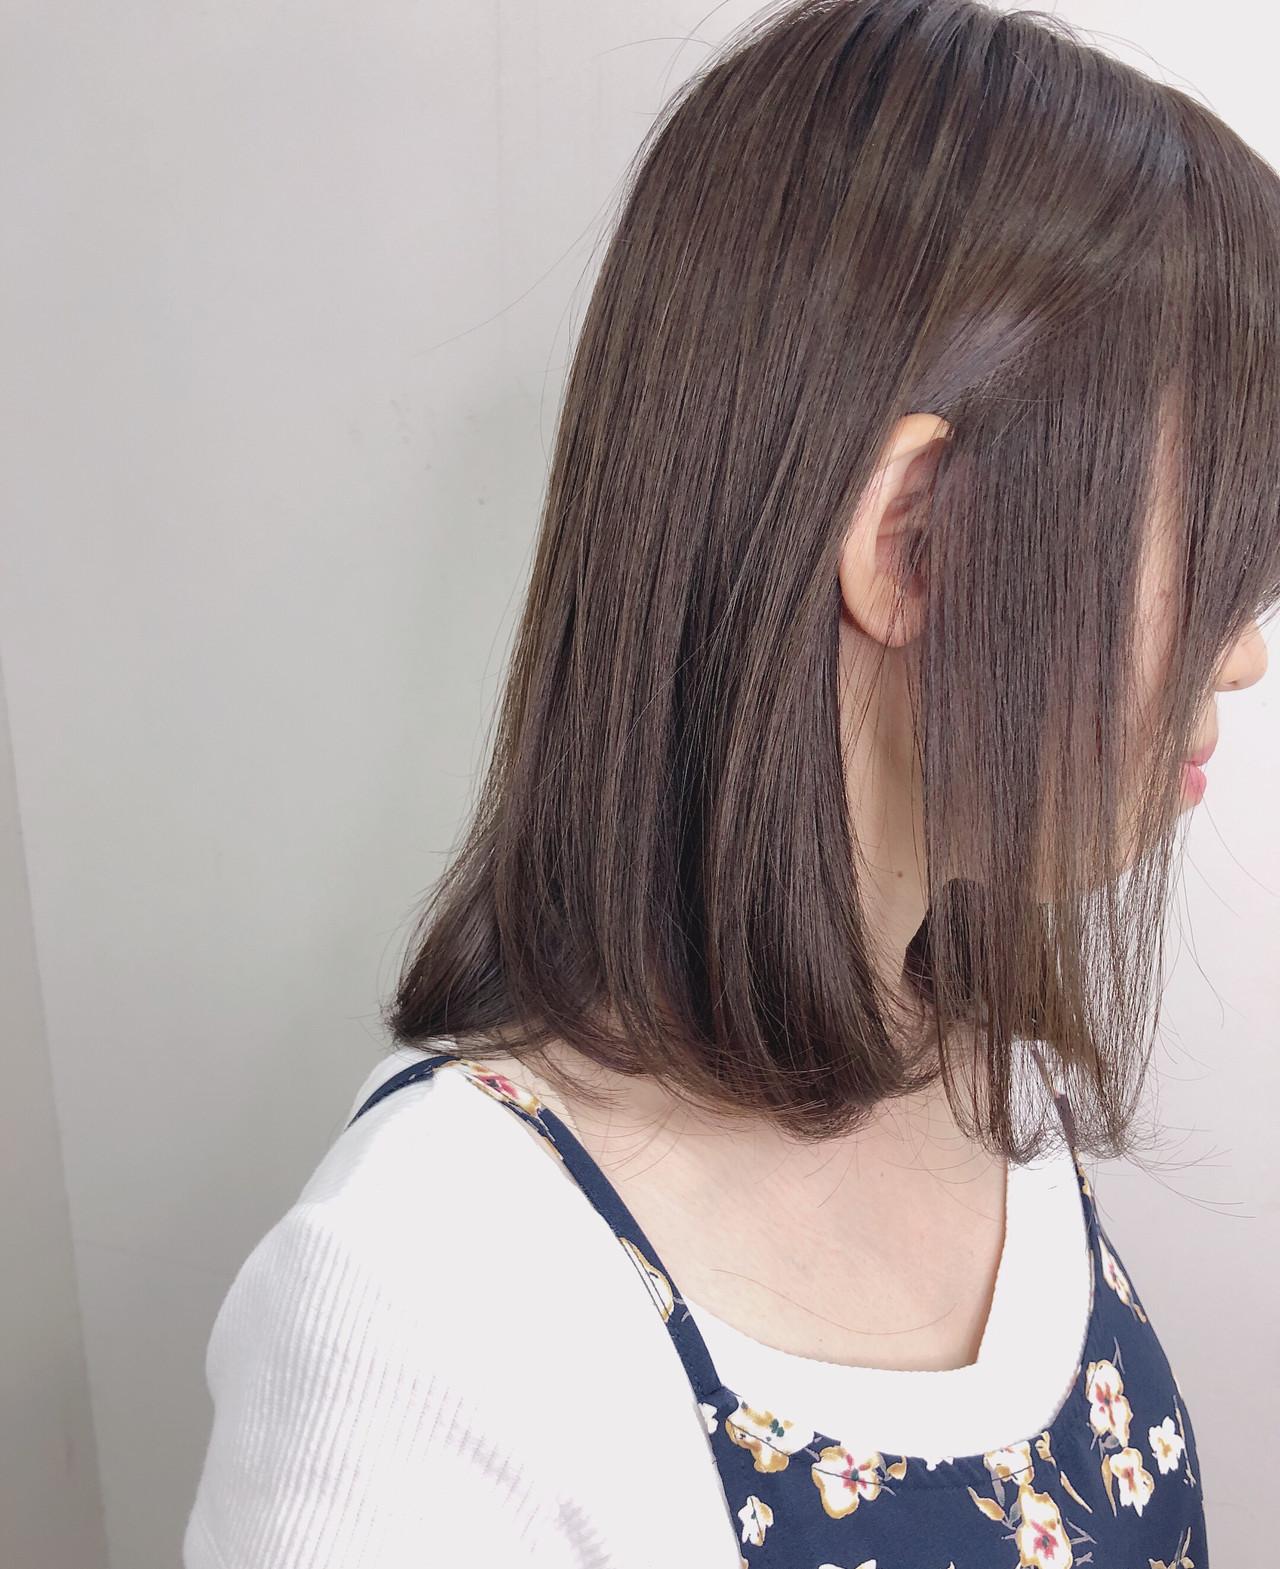 デート ヘアカラー 透明感カラー ナチュラル Accorddoux Ryosuke